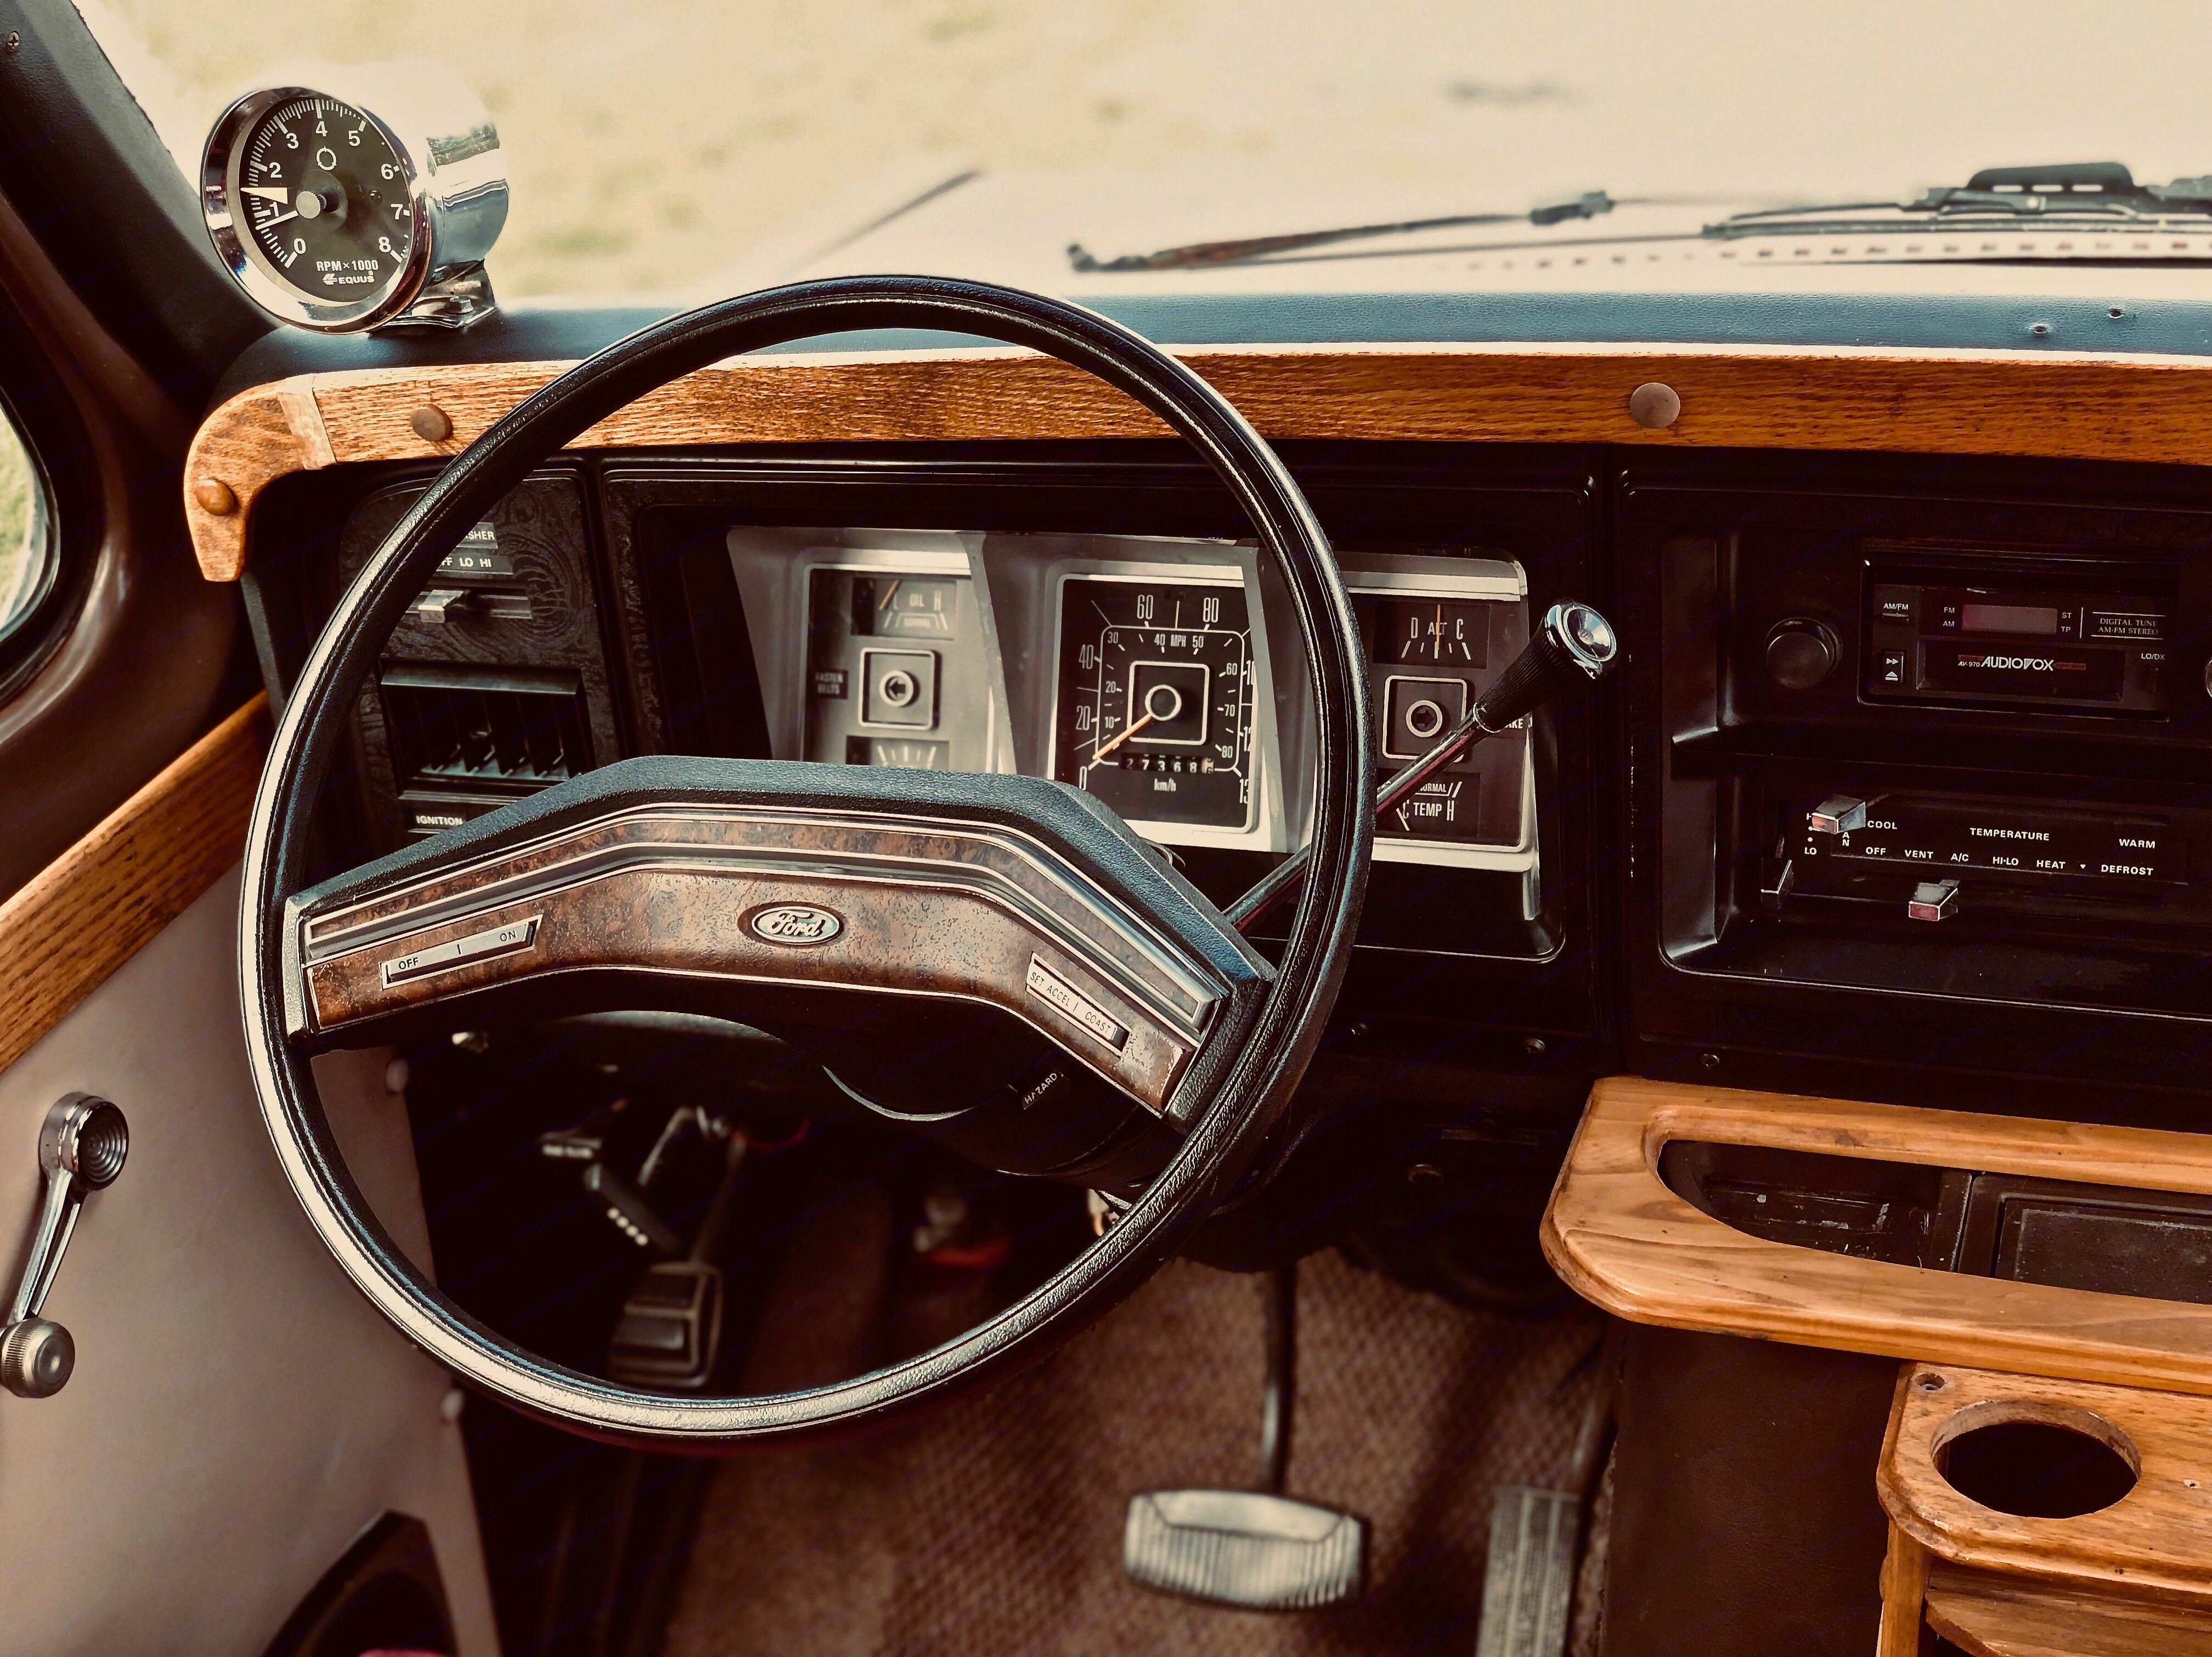 cockpit. Ford E150 Chariot Hi-Top Conversion 1979